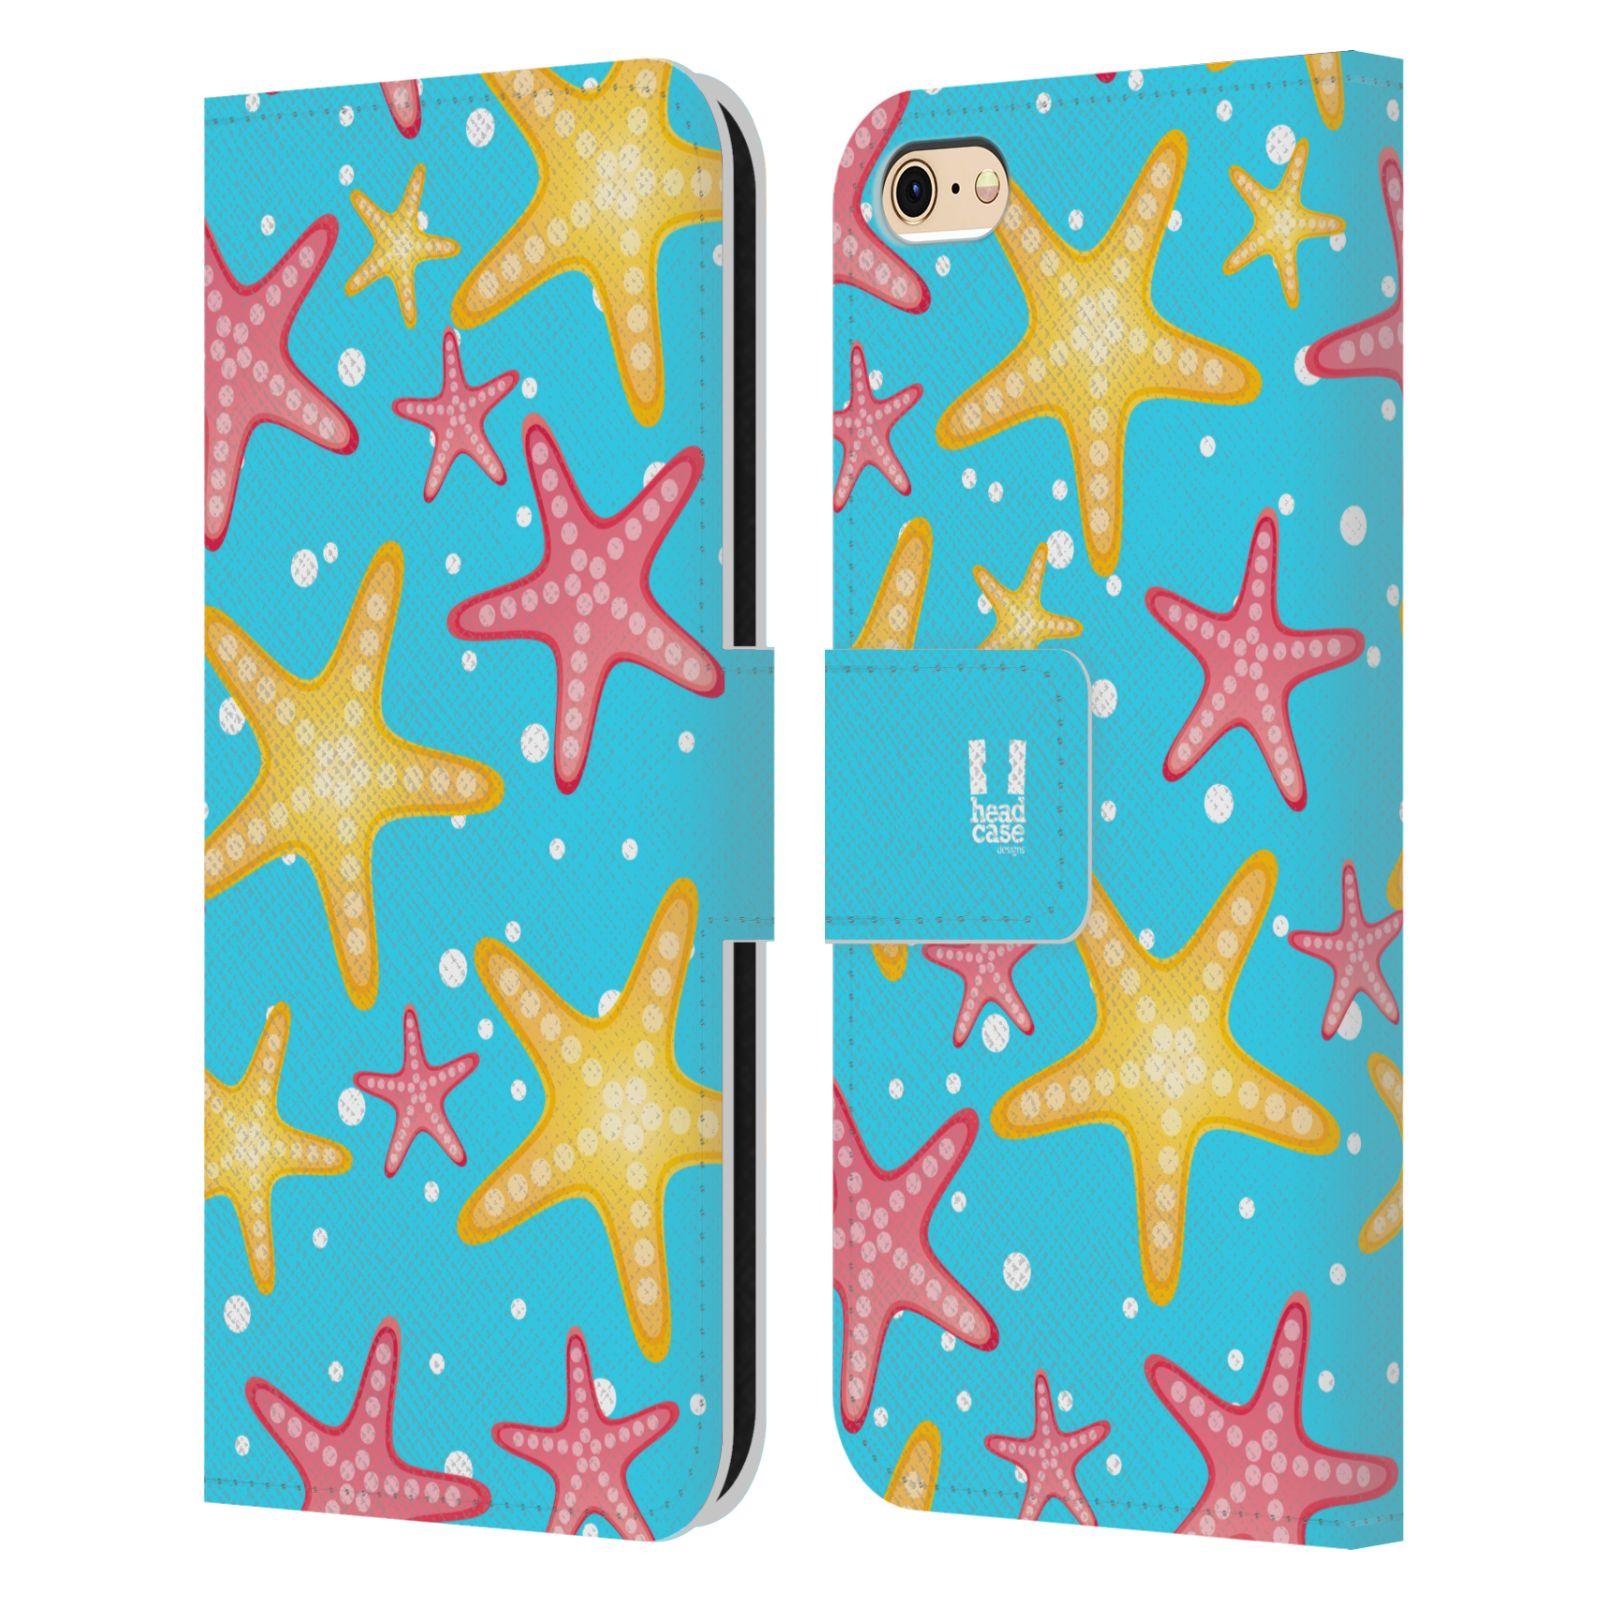 HEAD CASE Flipové pouzdro pro mobil Apple Iphone 6/6s Mořský živočich hvězdice modrá barva pozadí